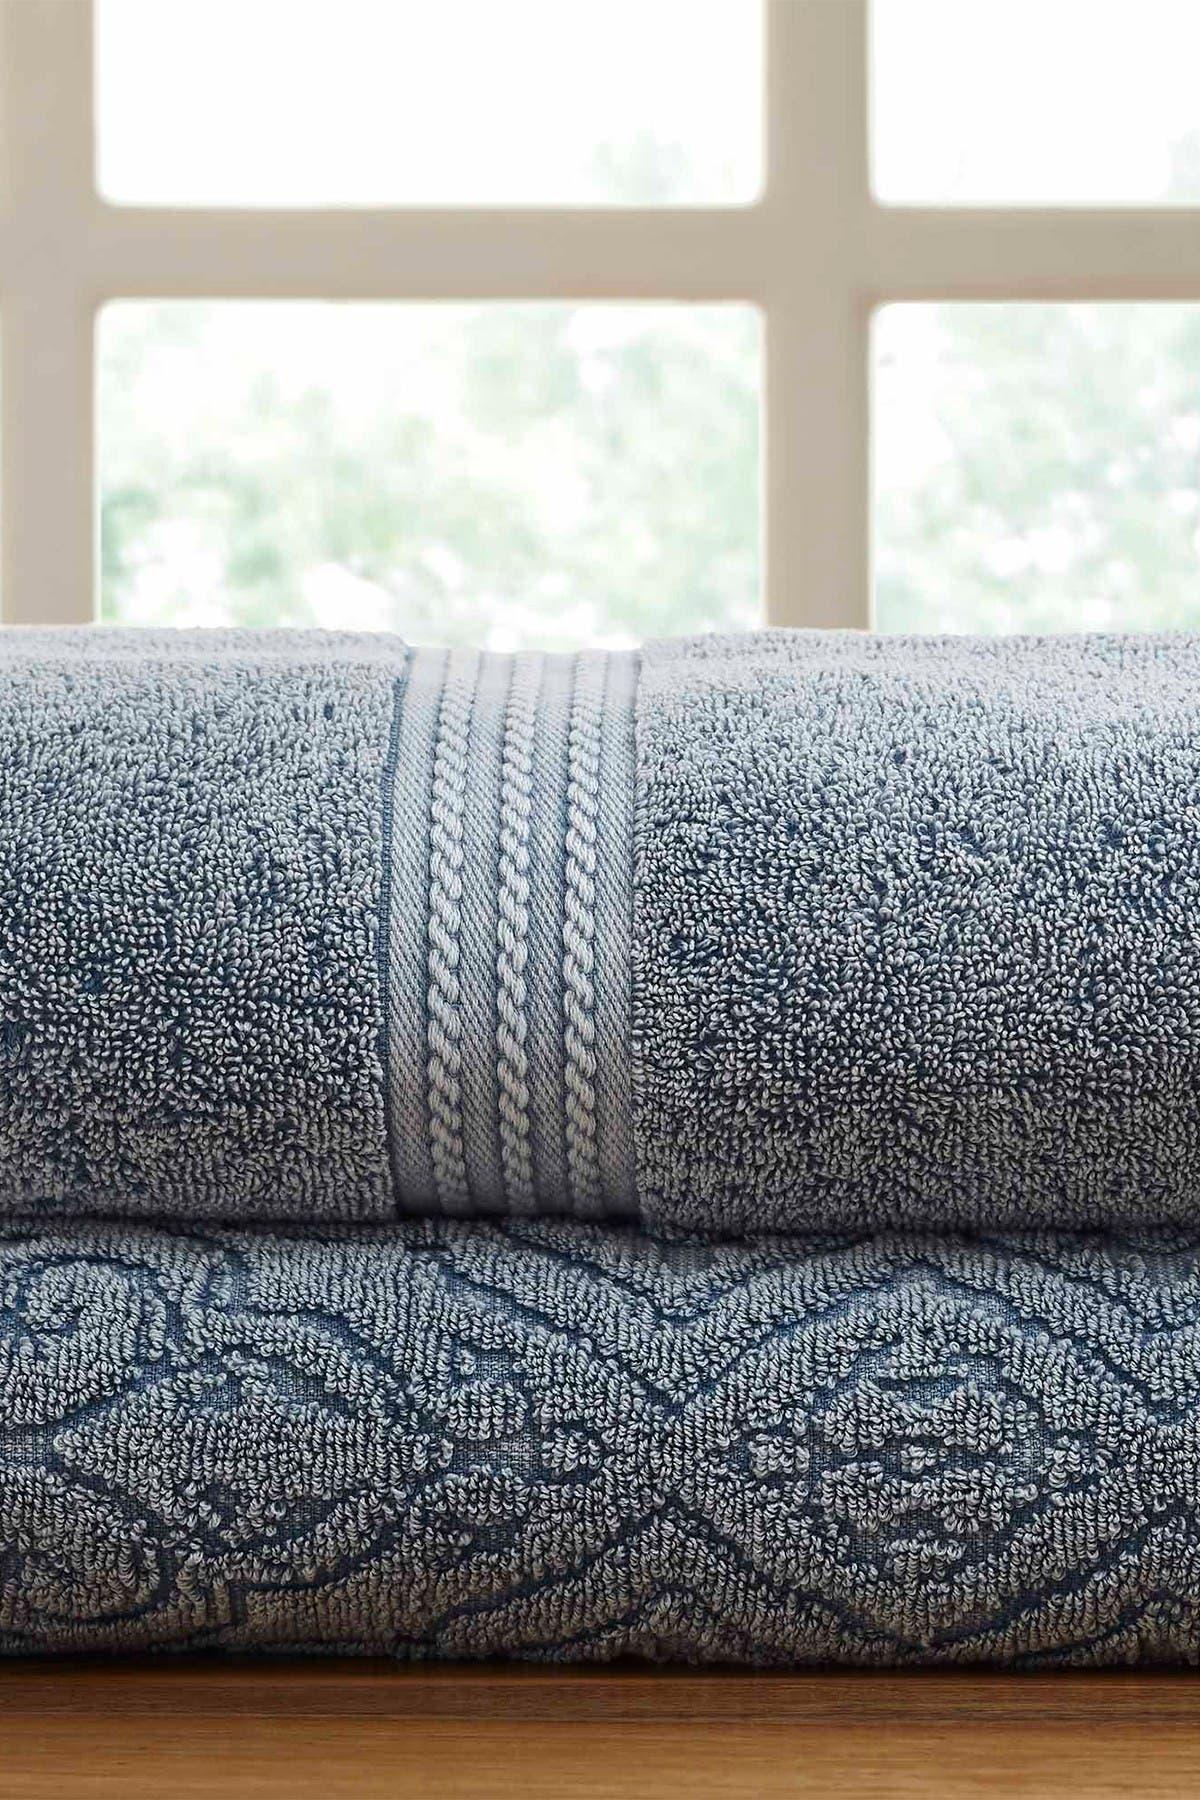 Image of Modern Threads Meb. Blue Fleur Lattice Denim Washed Bath Towel - Set of 2